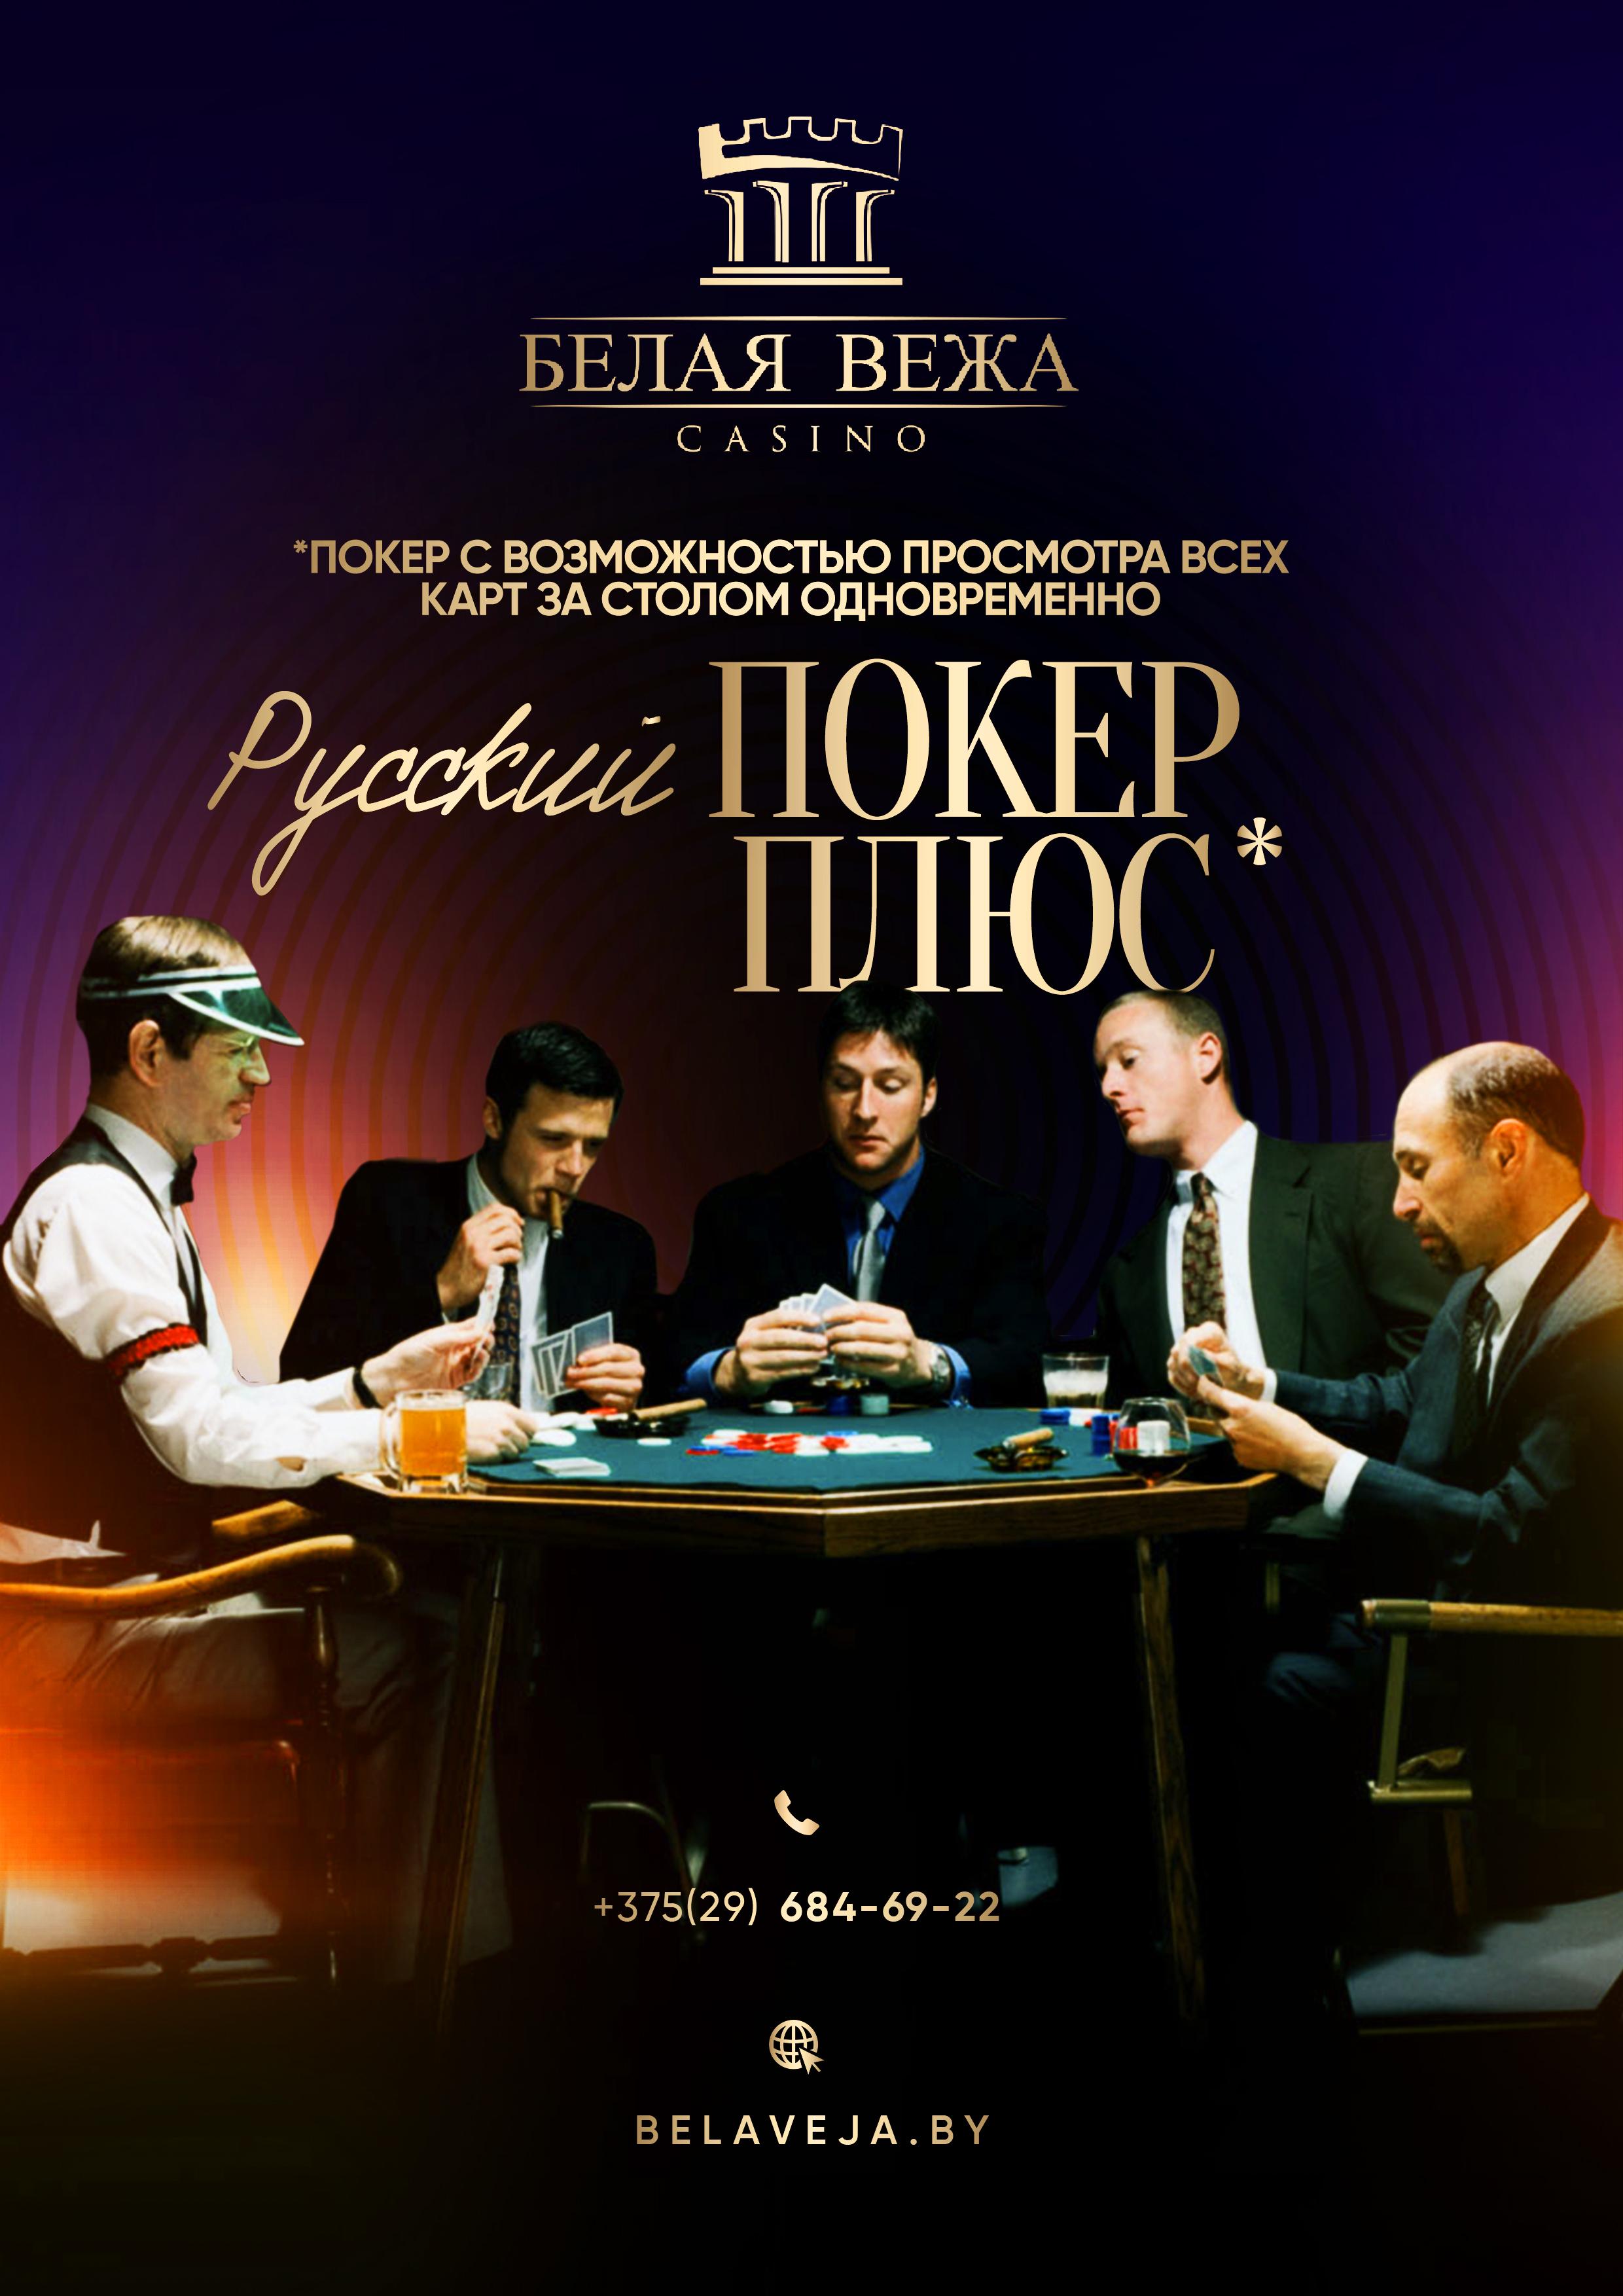 beladjio_casino_1